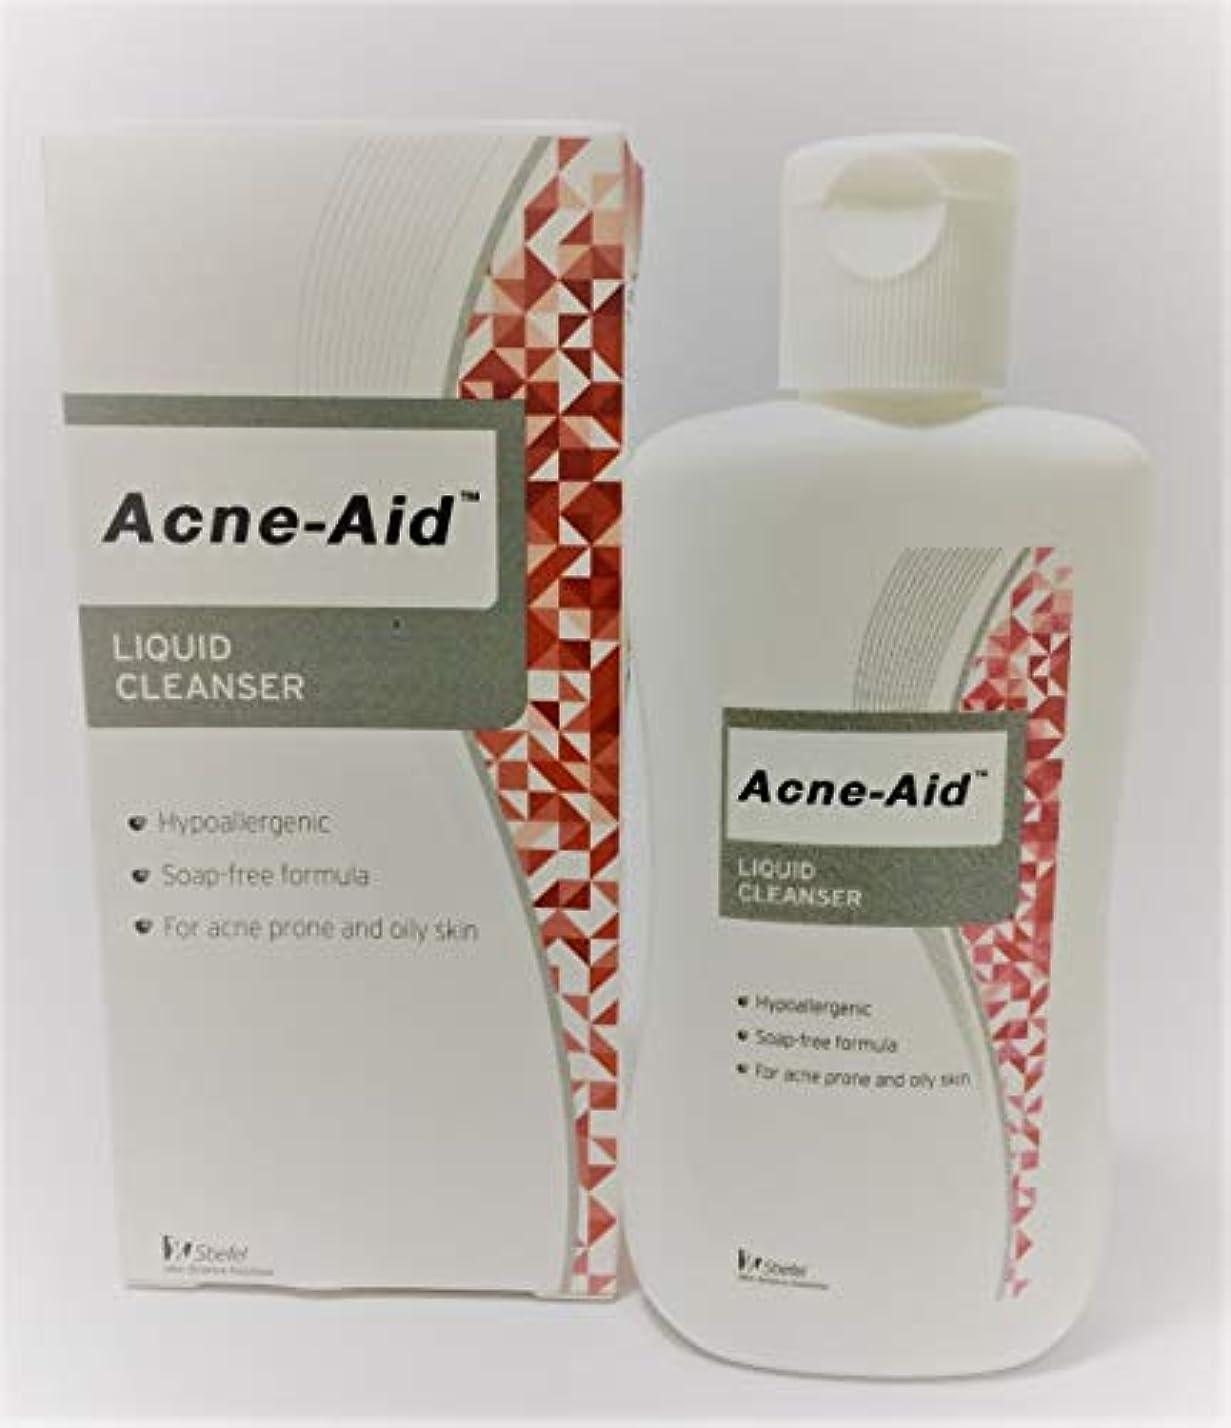 そのような面倒構成員Acne Aid液体クレンザー100 ml。(1 box)